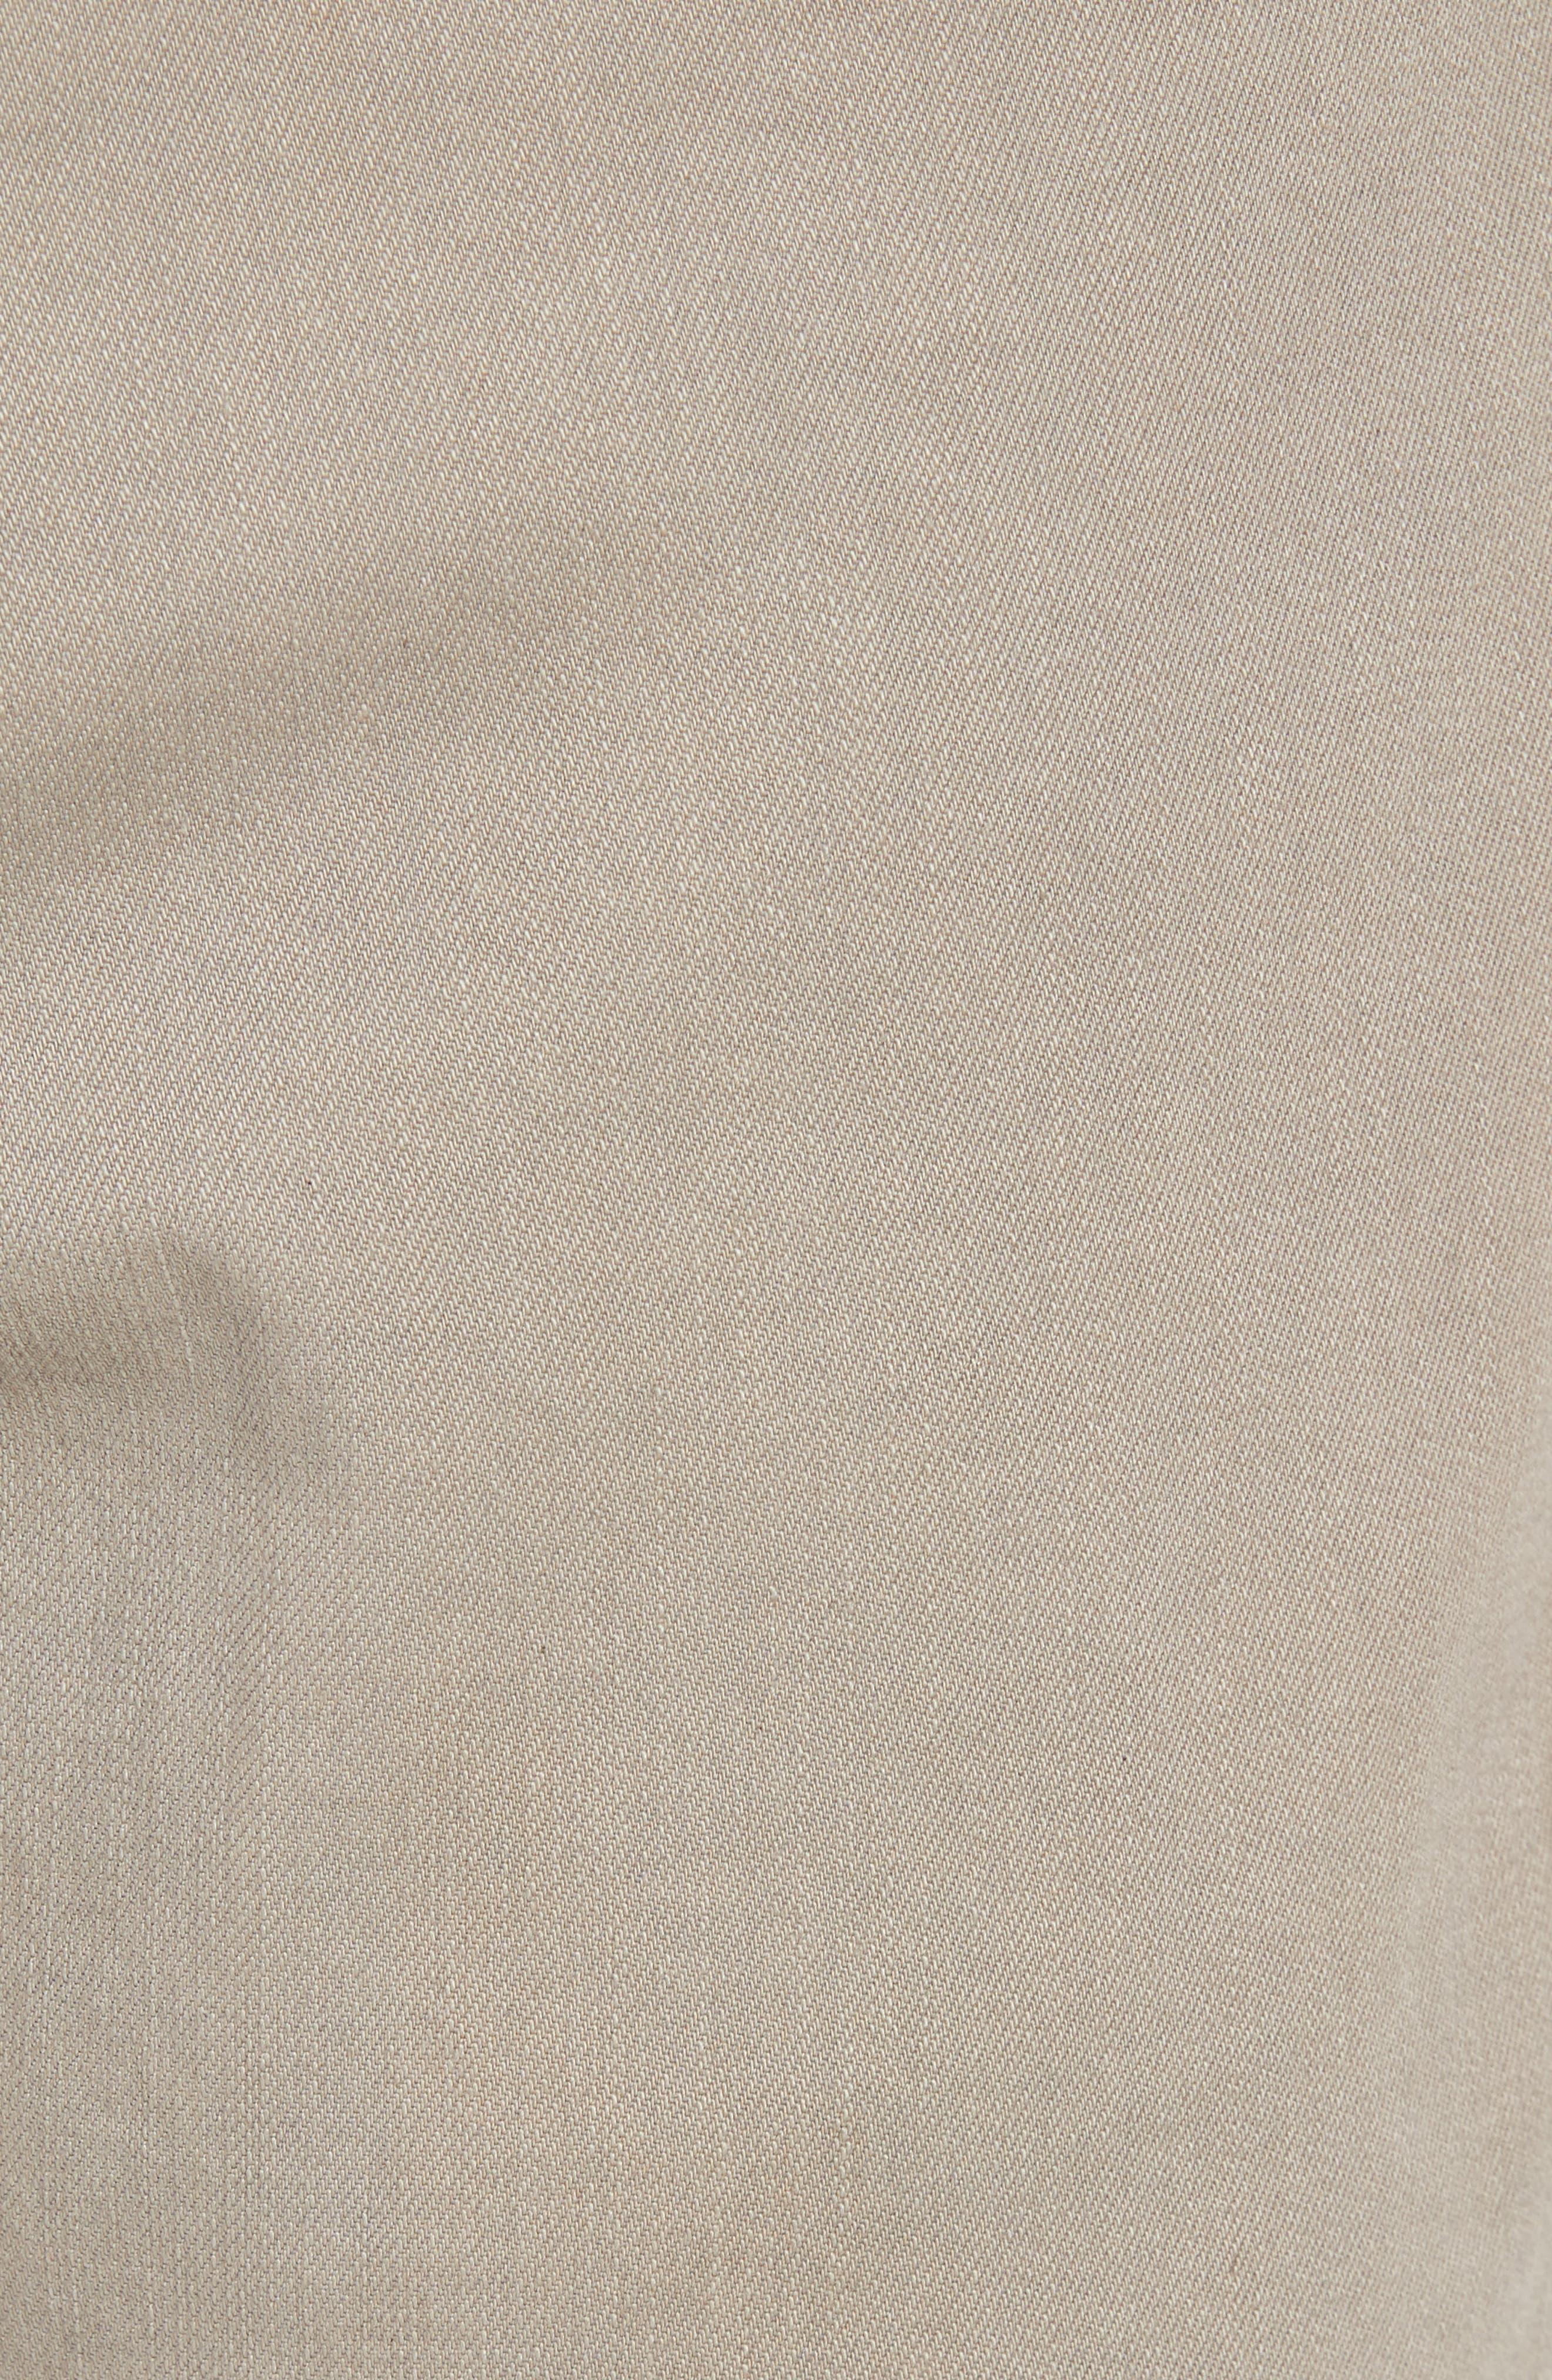 Jimmy Slim Straight Leg Jeans,                             Alternate thumbnail 5, color,                             Khaki